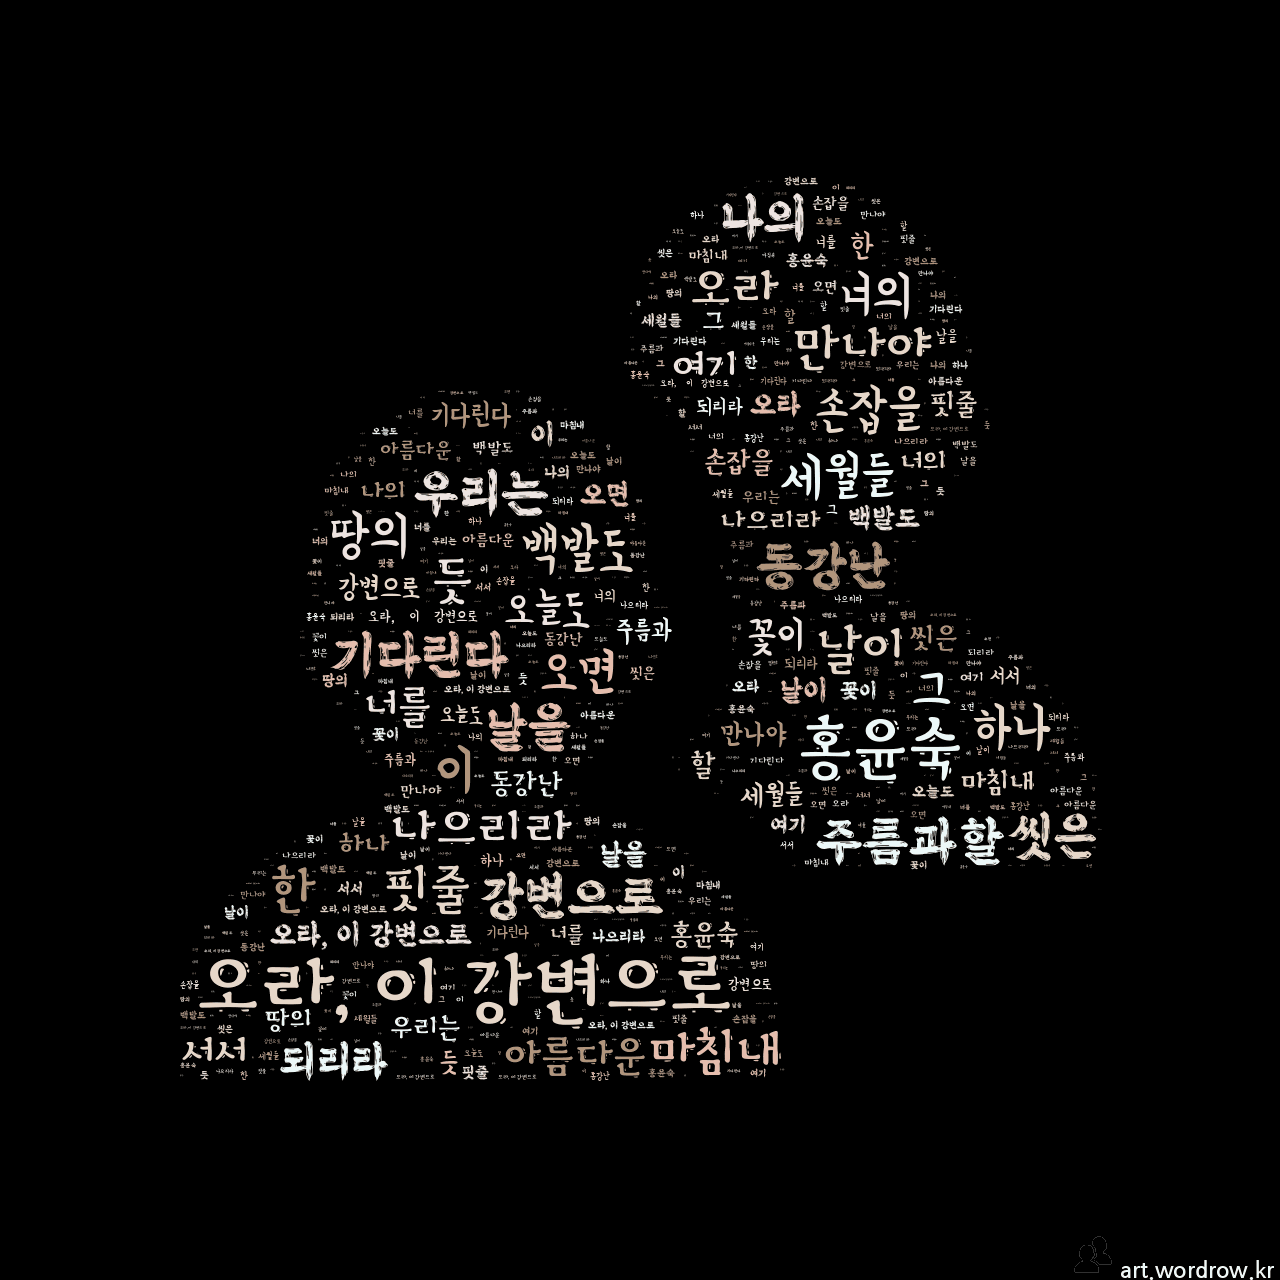 워드 클라우드: 오라, 이 강변으로 [홍윤숙]-8